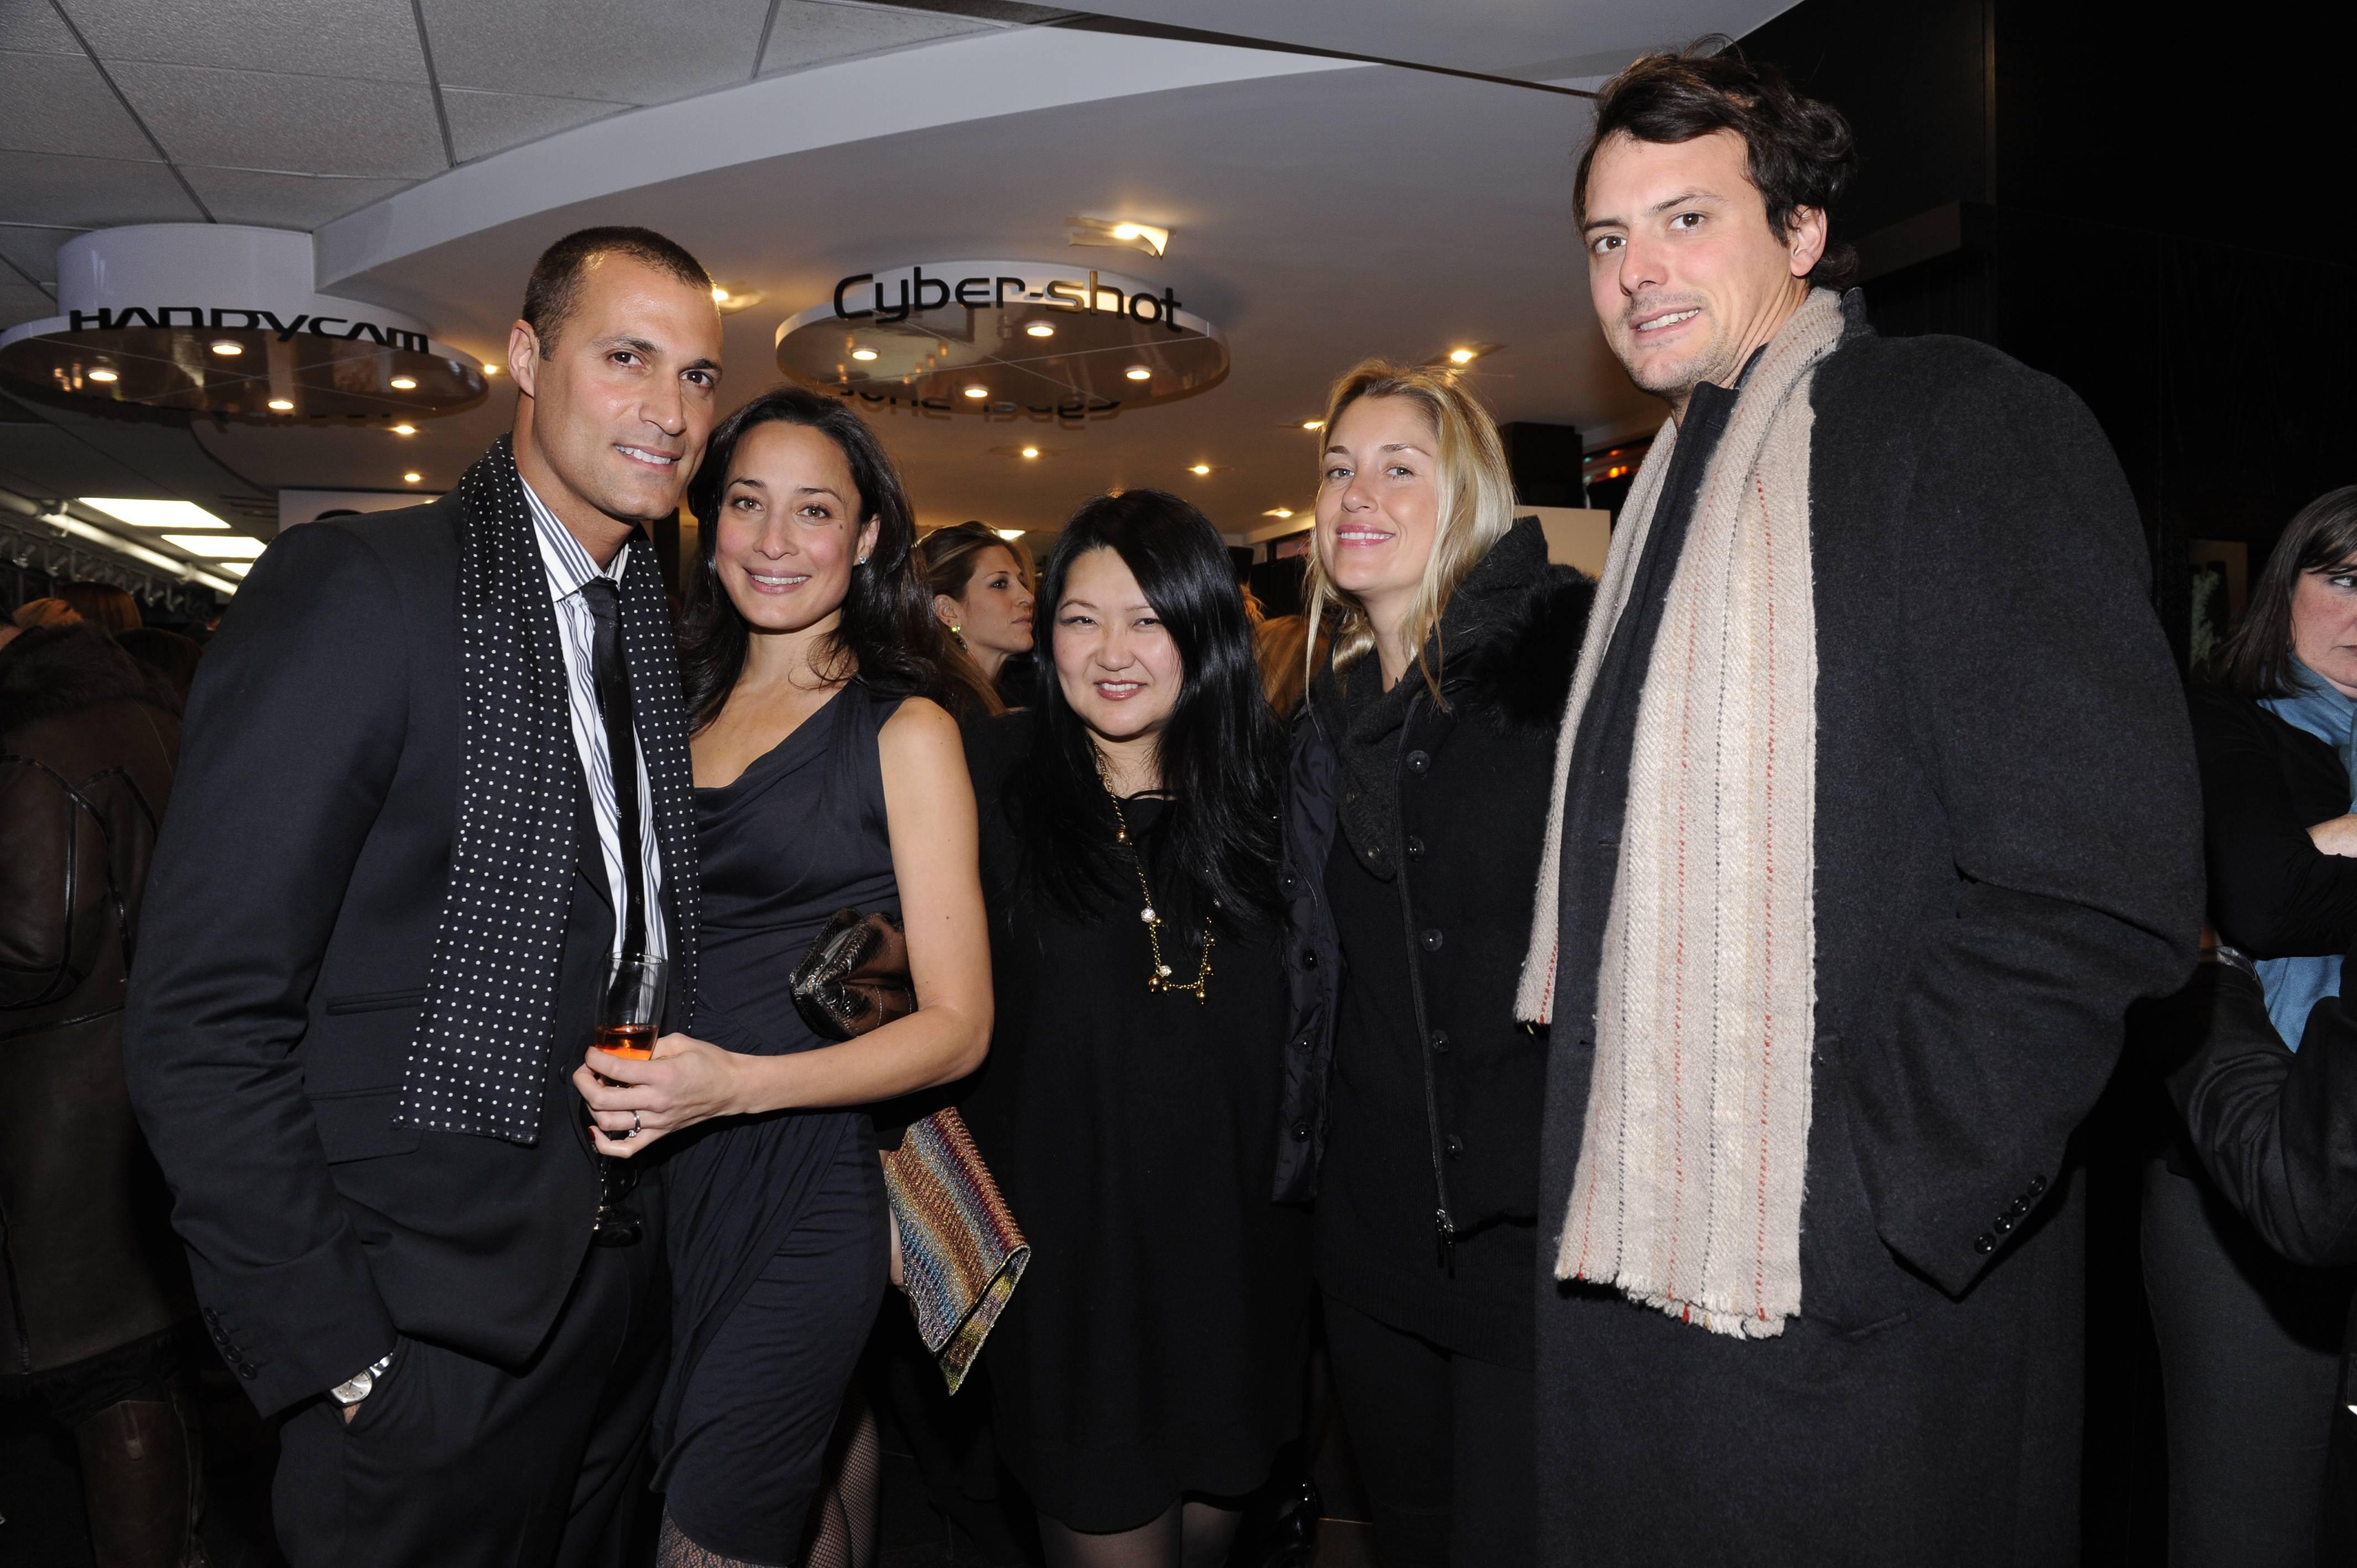 Nigel Barker, Cristina Chin, Susan Shin, Helena Khazanova, Friend